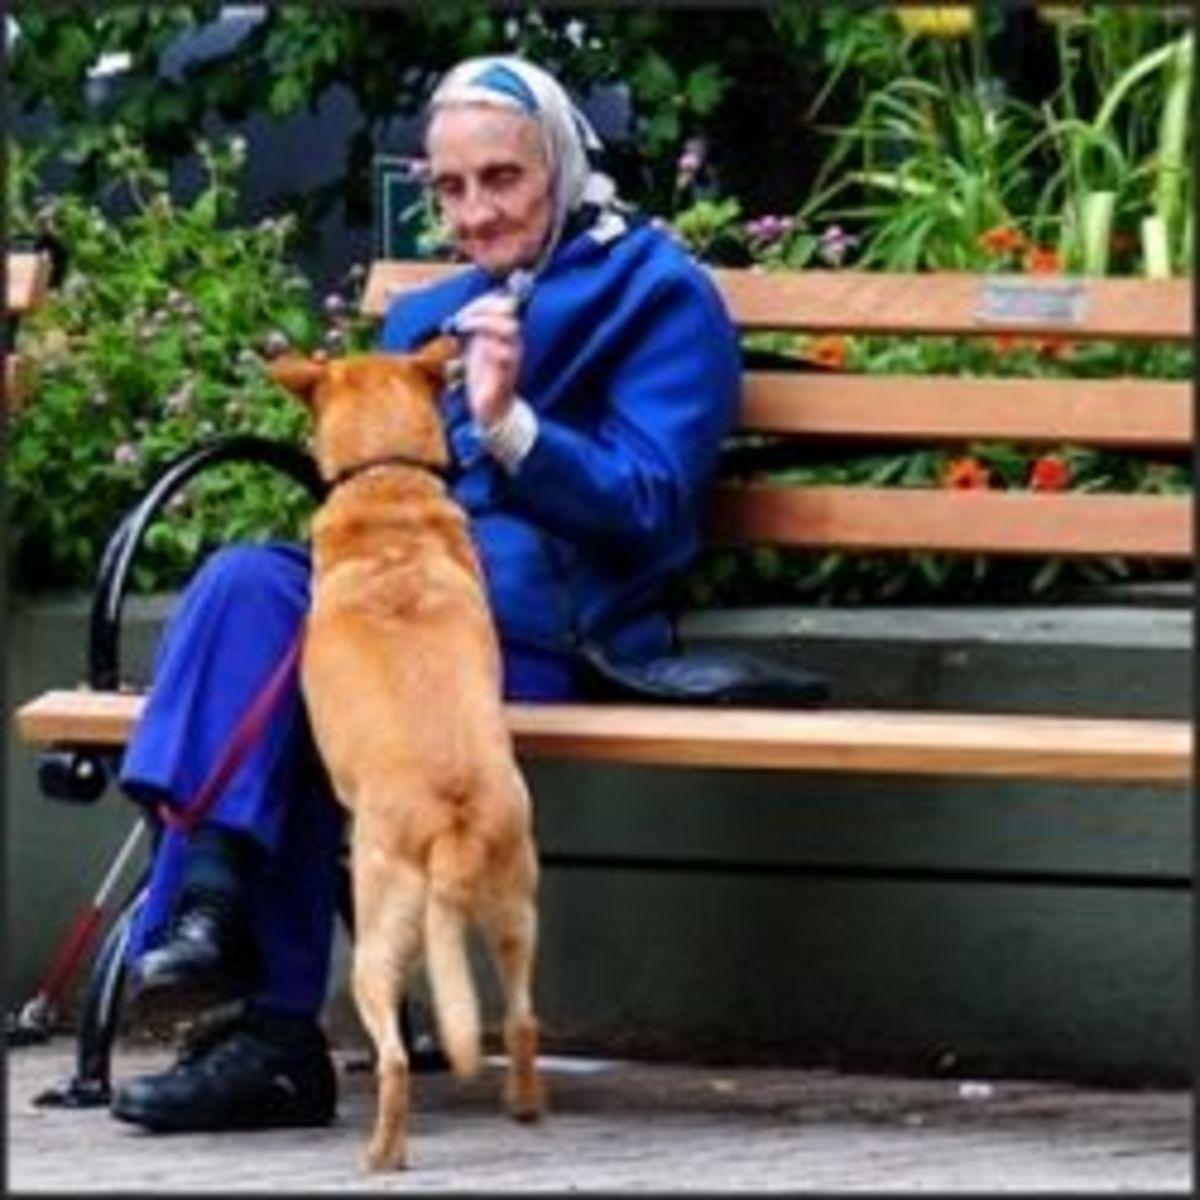 Old Age - Helpless Despair